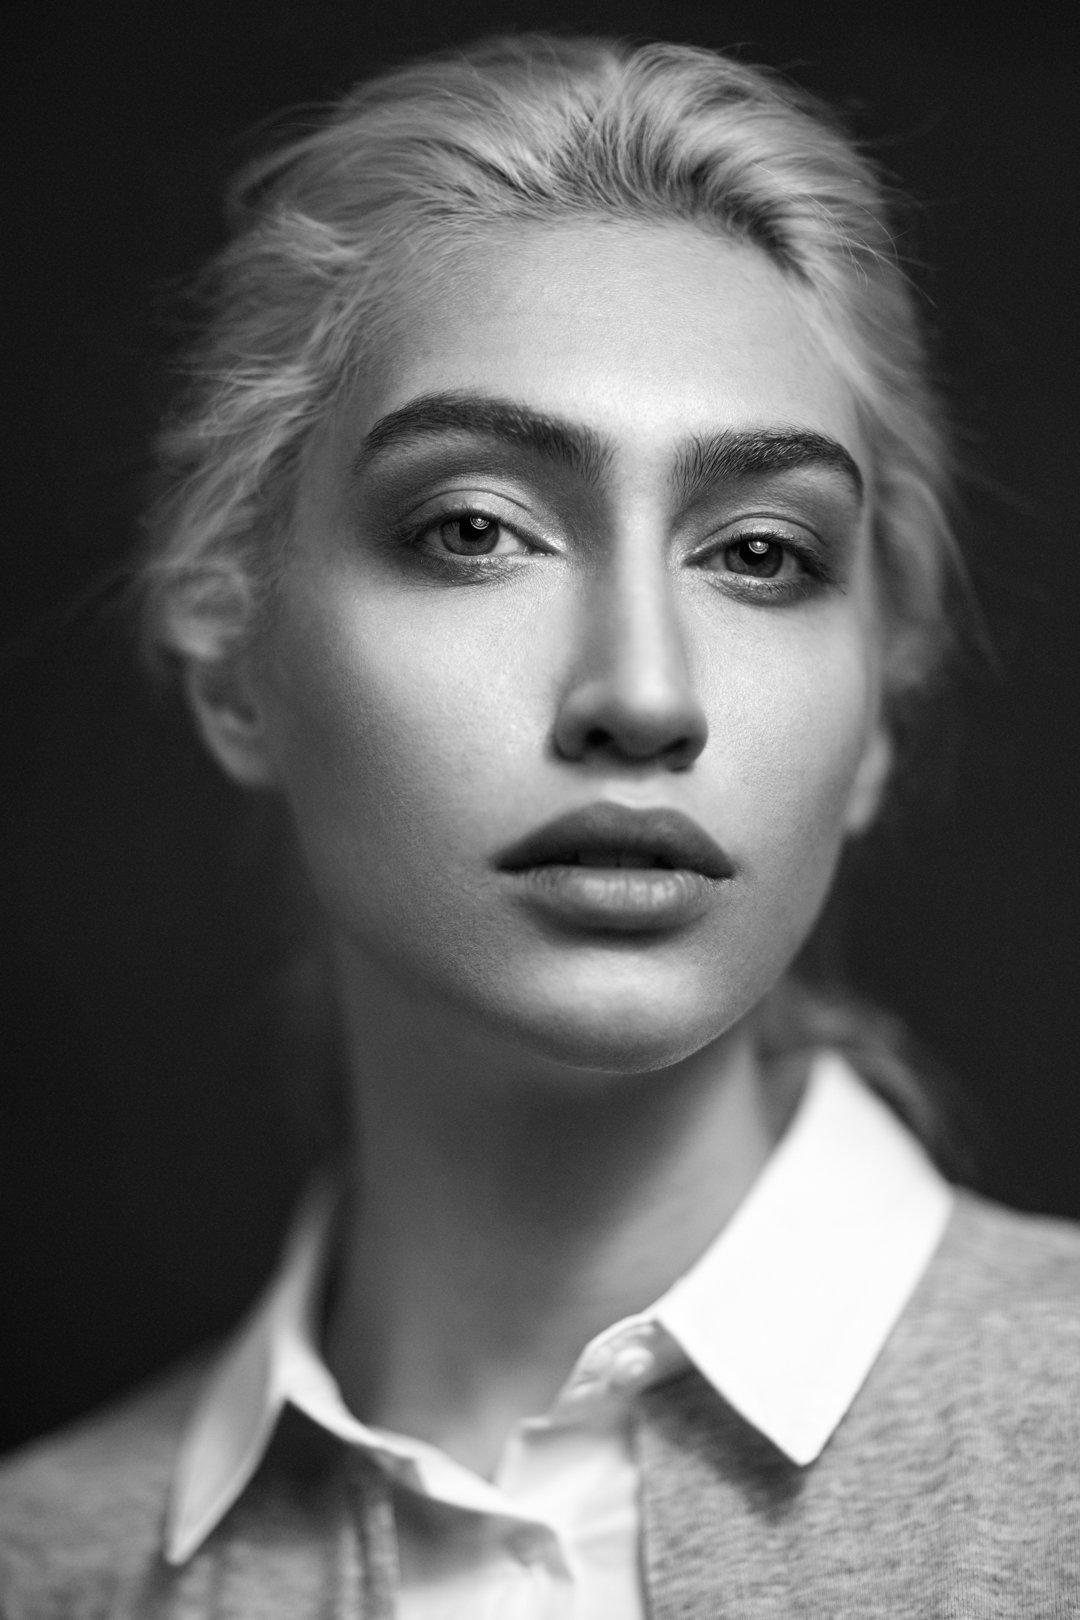 portrait, blackandwhite, model, face, eyes, lighting, headshot,, mohammad hossein